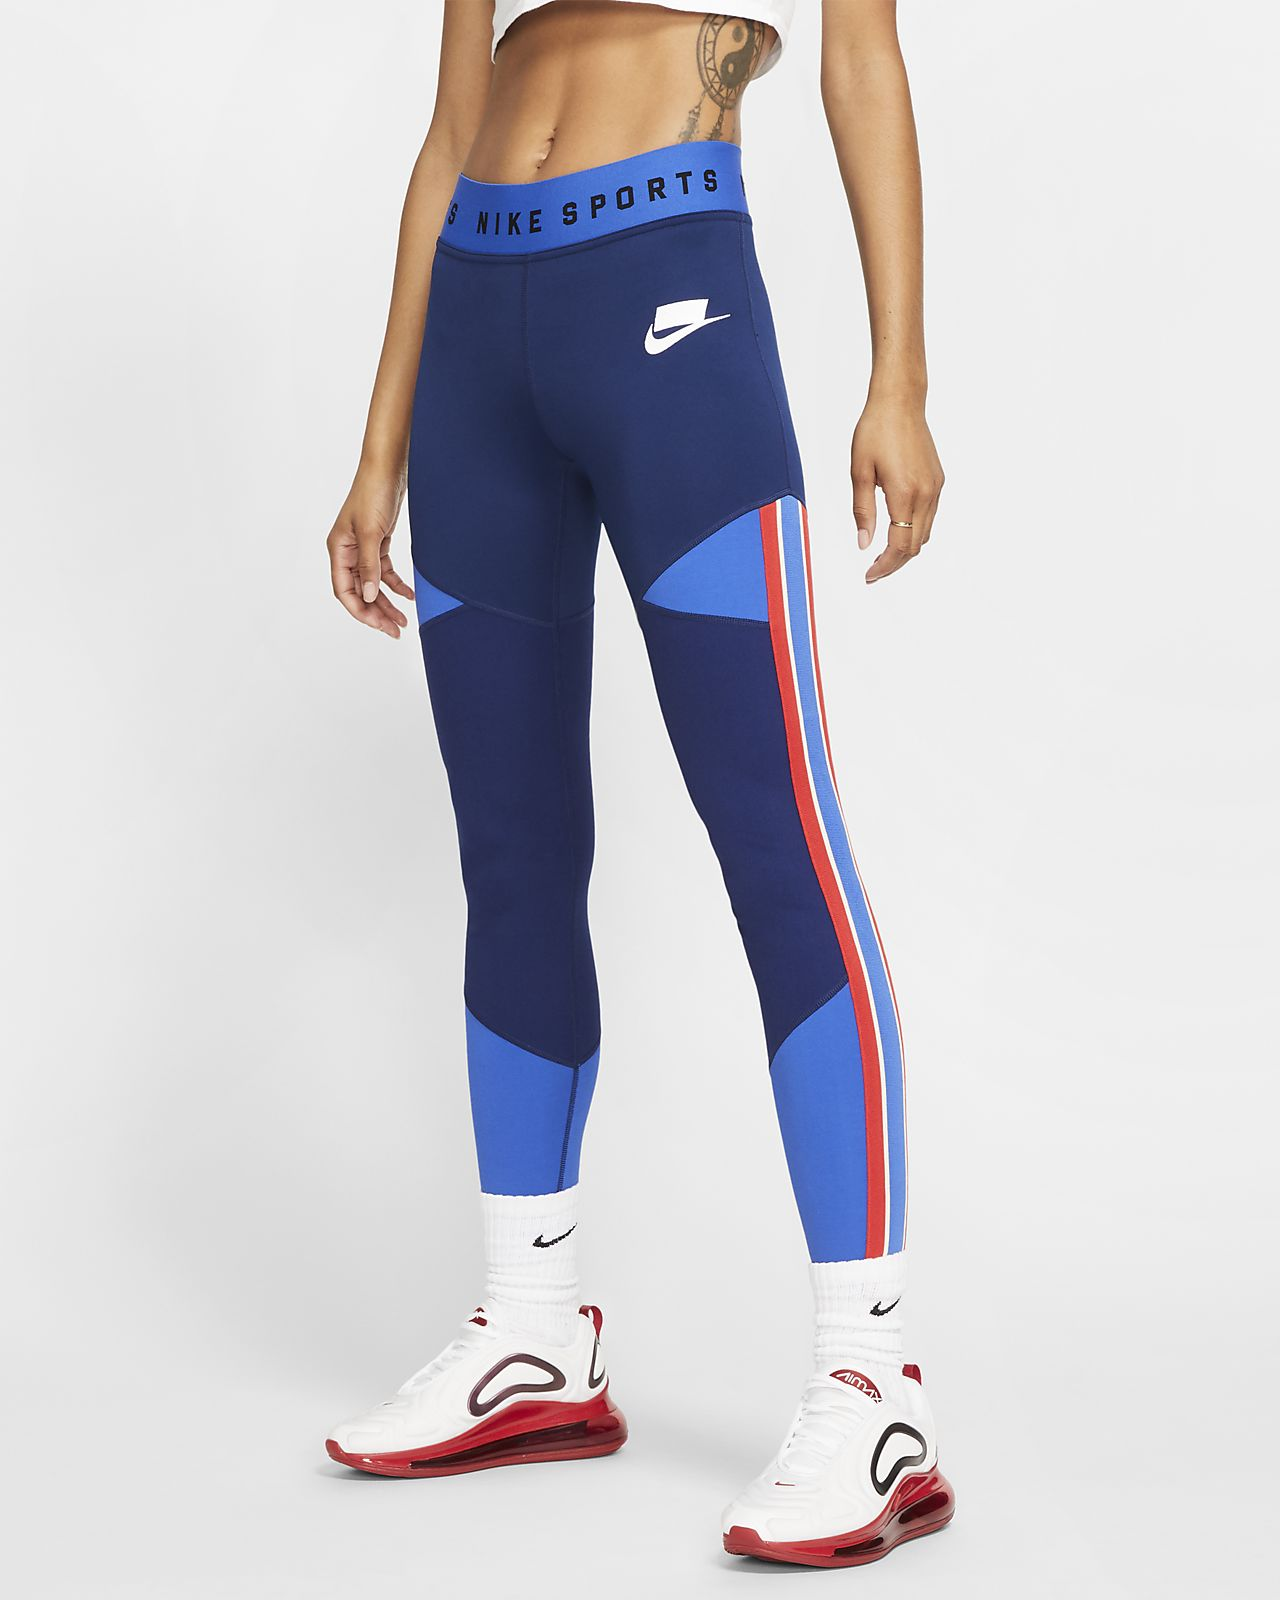 Nike Sportswear NSW Women's Graphic Leggings